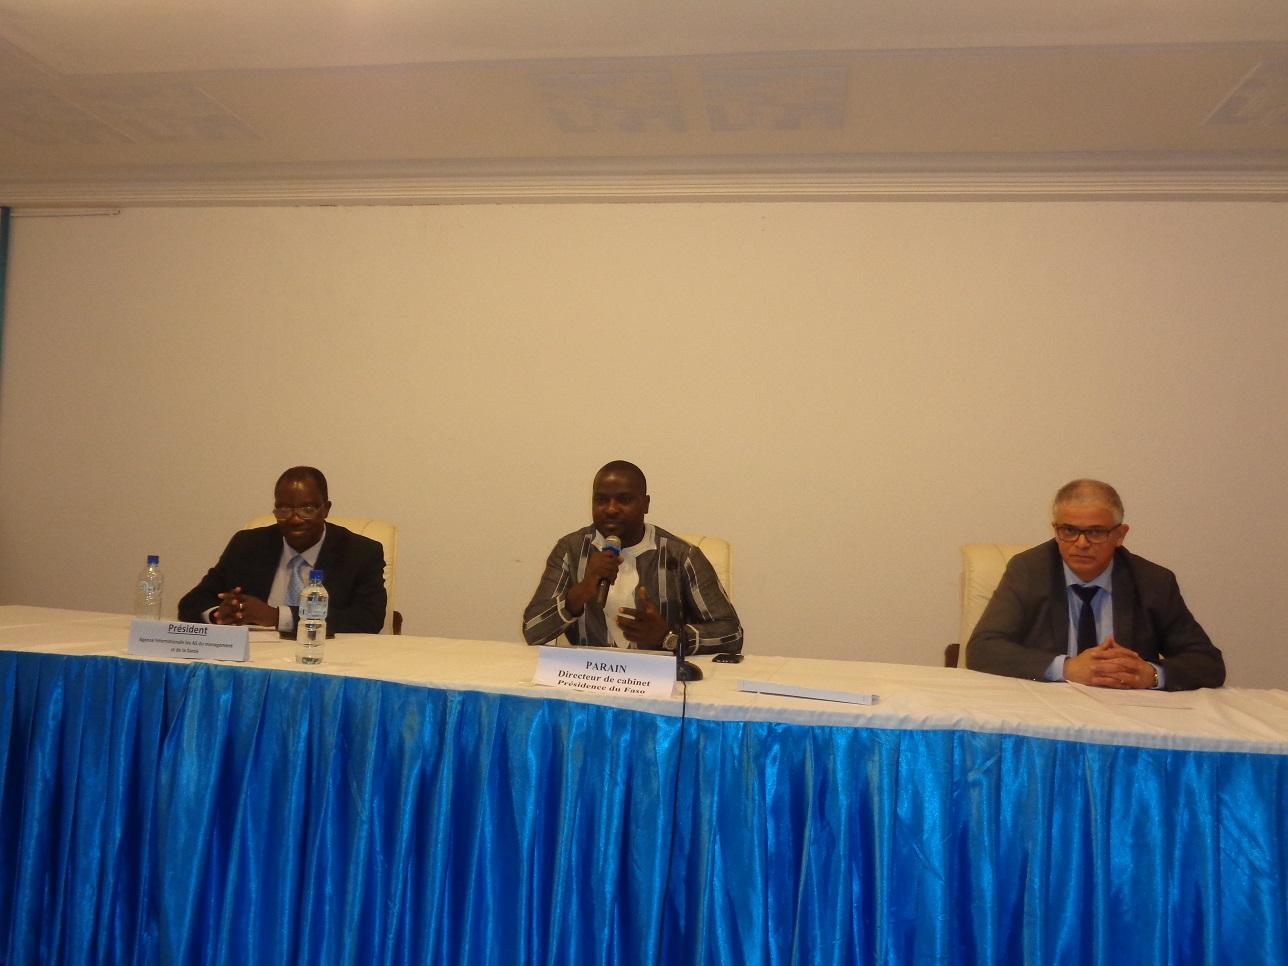 Partenariat Mondial care-2AMIS: Pour des soins hors Burkina plus Professionnels